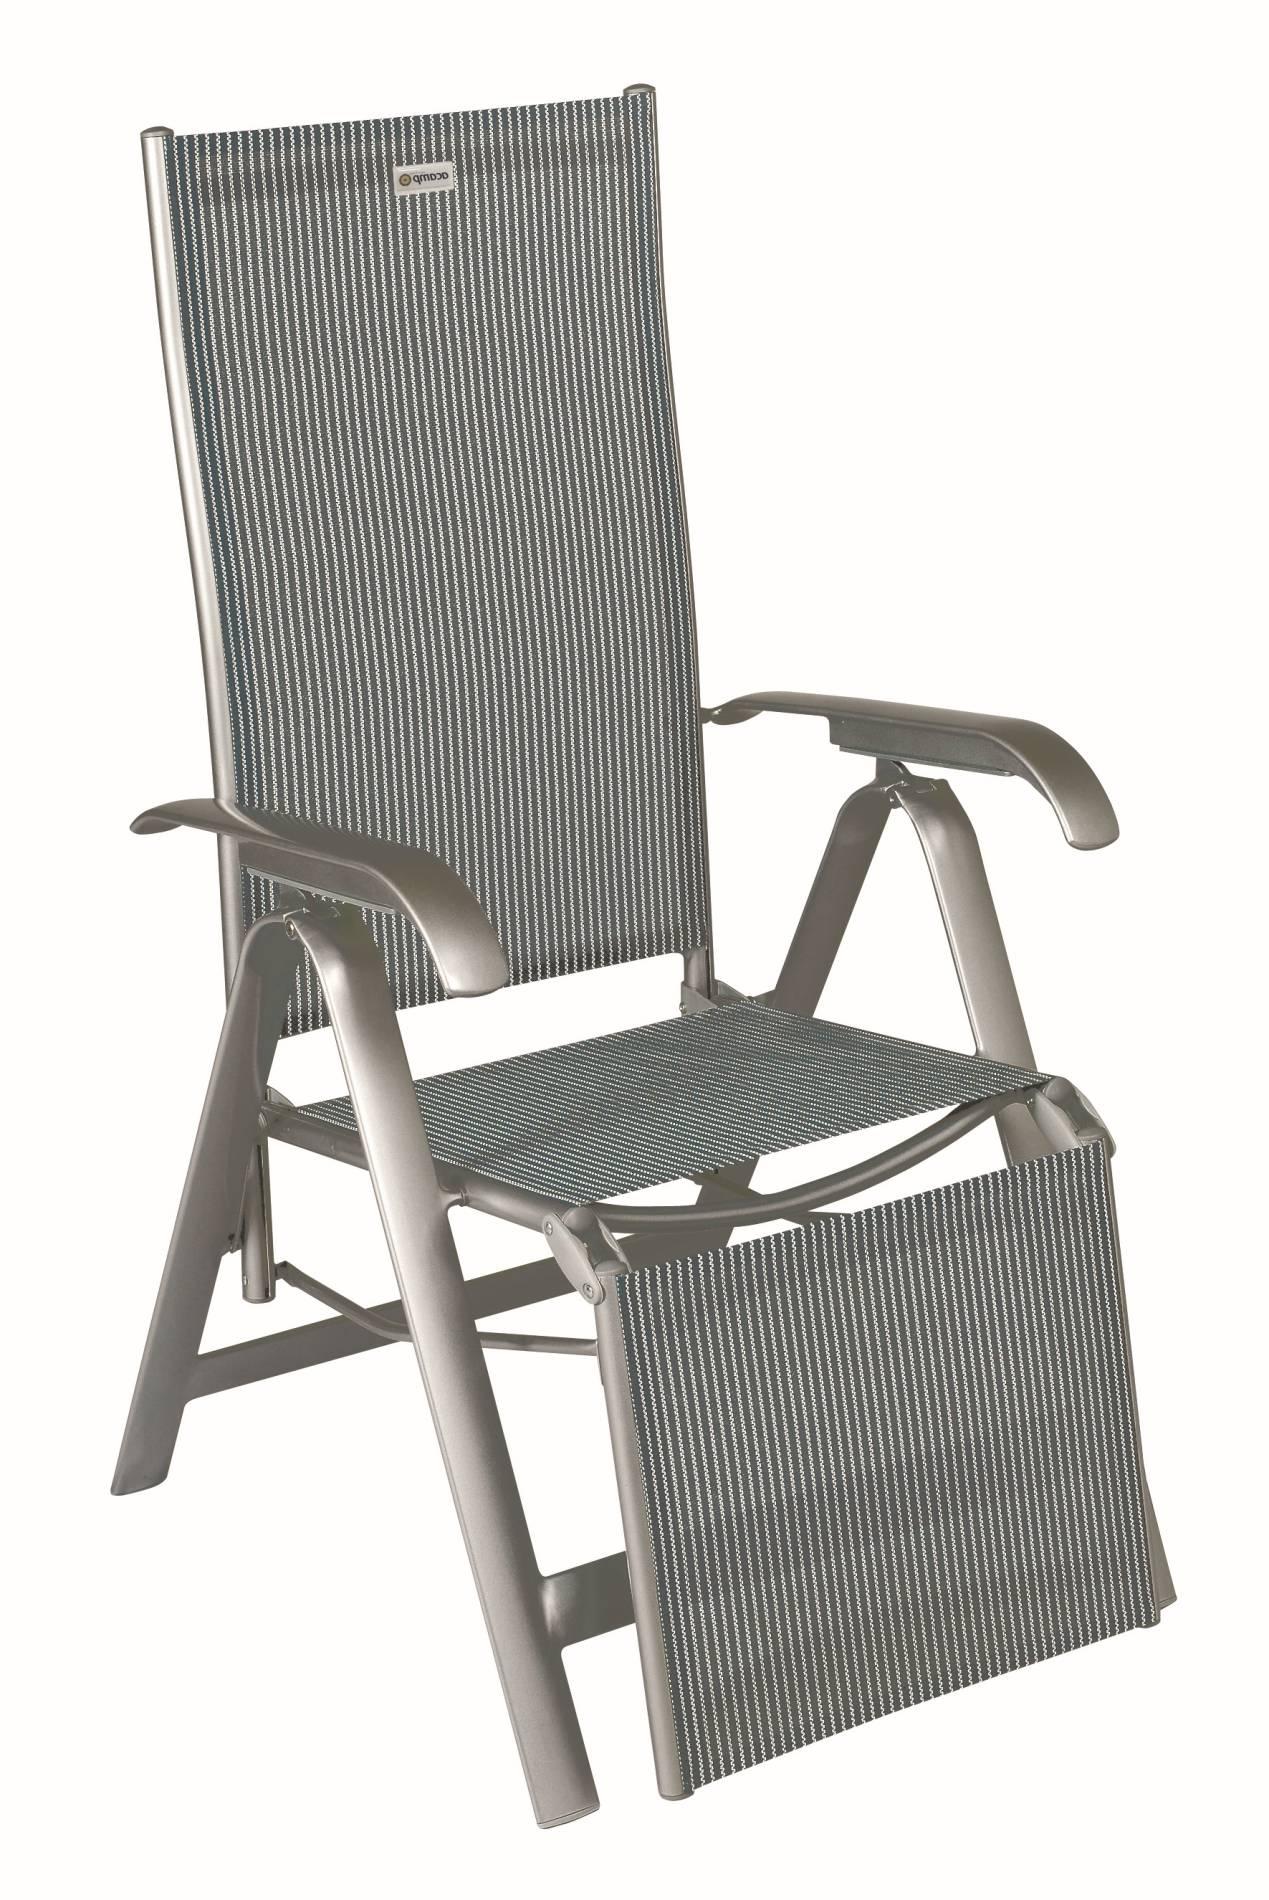 Acamp acatop Relaxsessel 7-fach verstellbar Aluminium Acatex Gewebe platin grigio